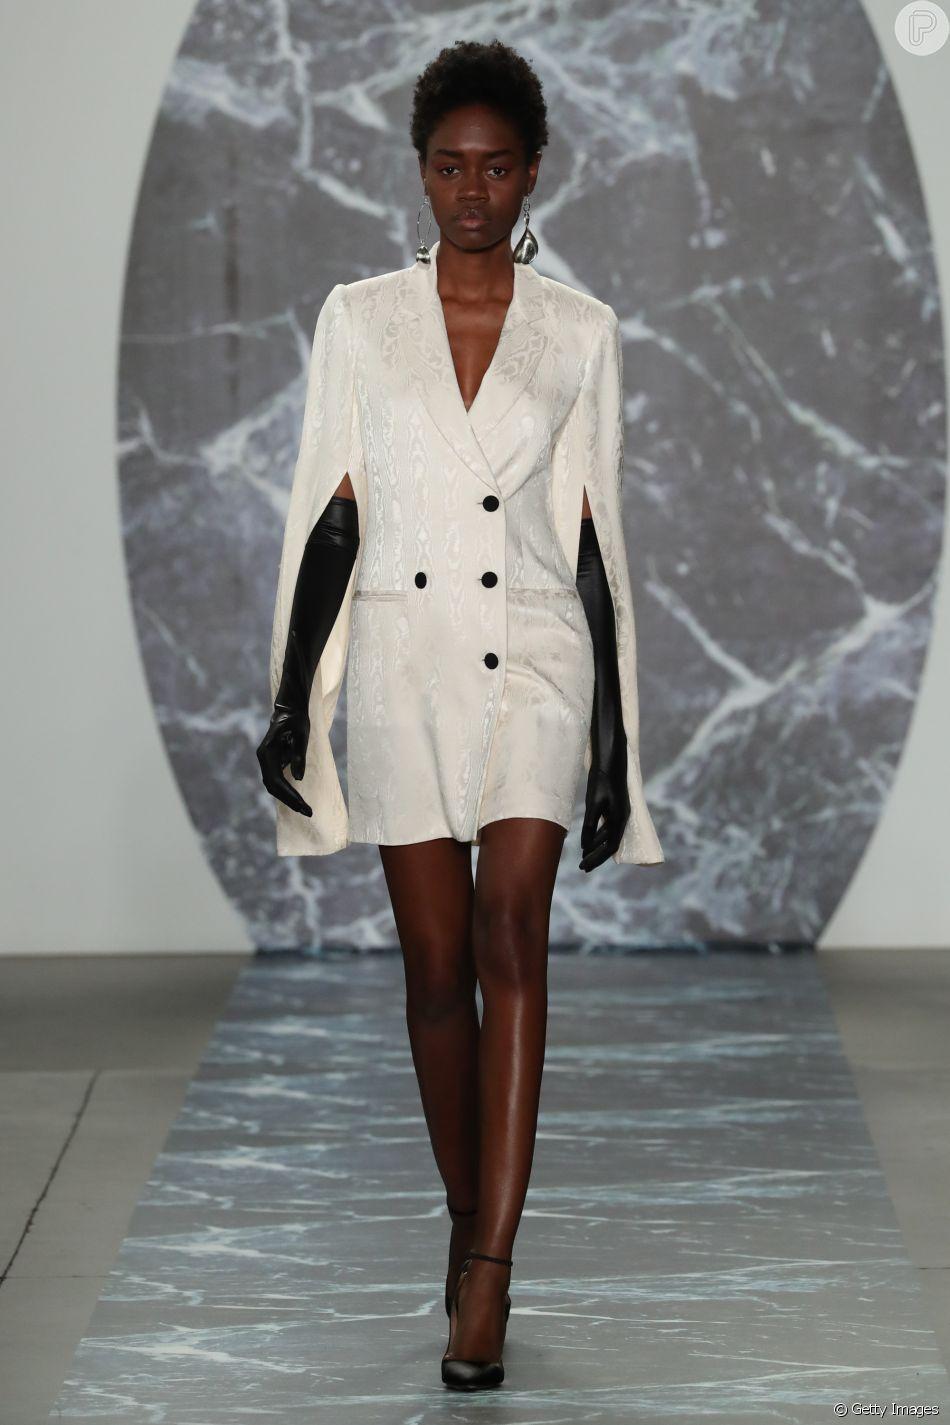 diseño de calidad 07345 06ab9 Vestido-blazer: look prático que vem conquistando as ...